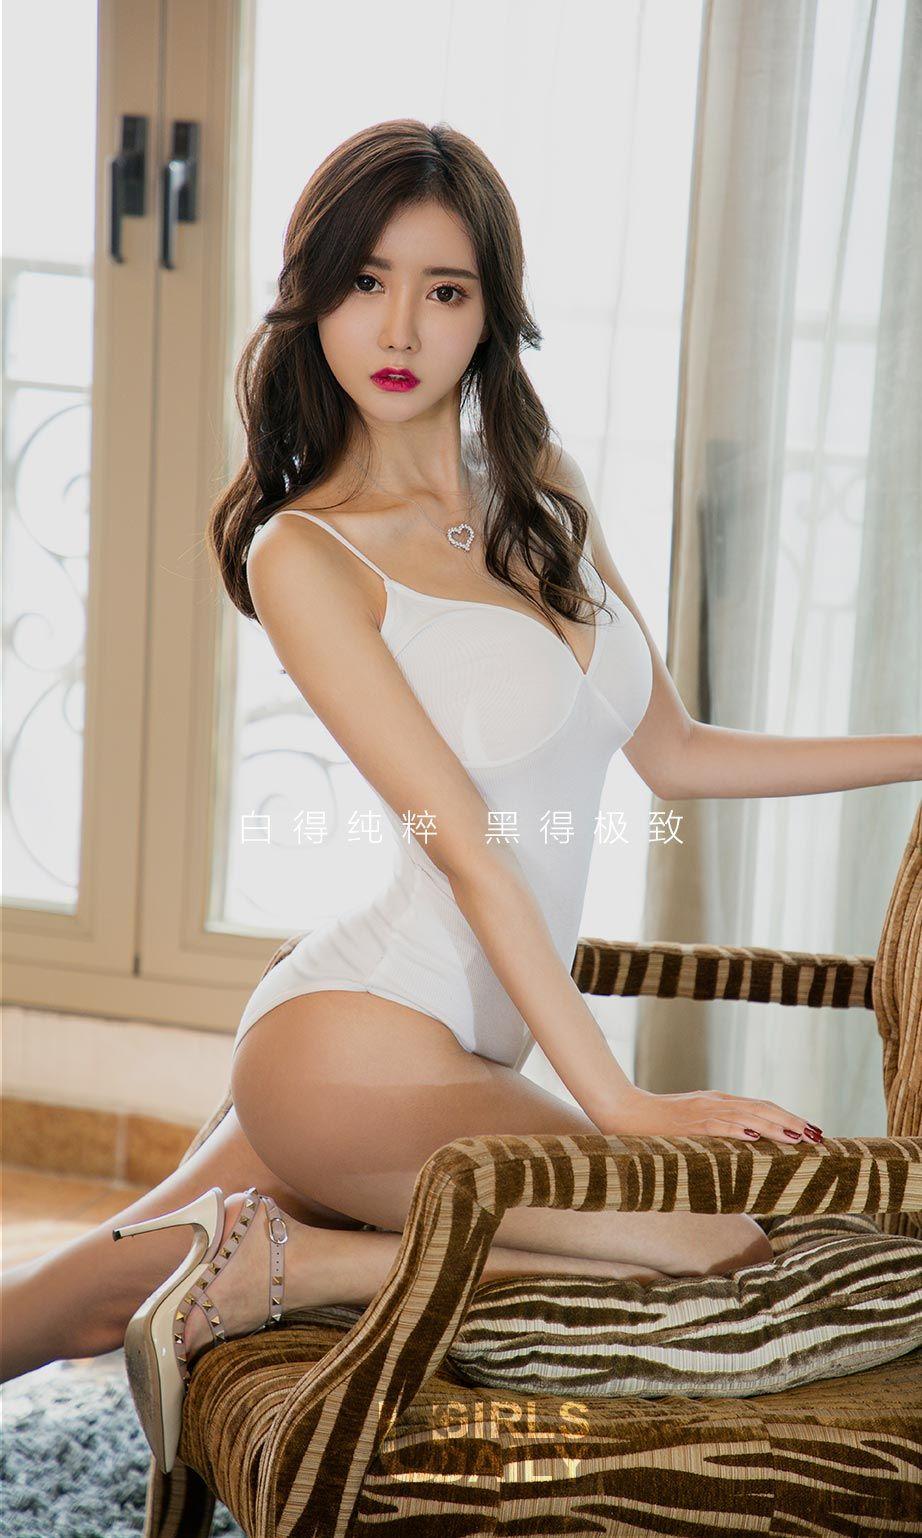 Ugirls App Vol. 1103 Zhou Yu Xi